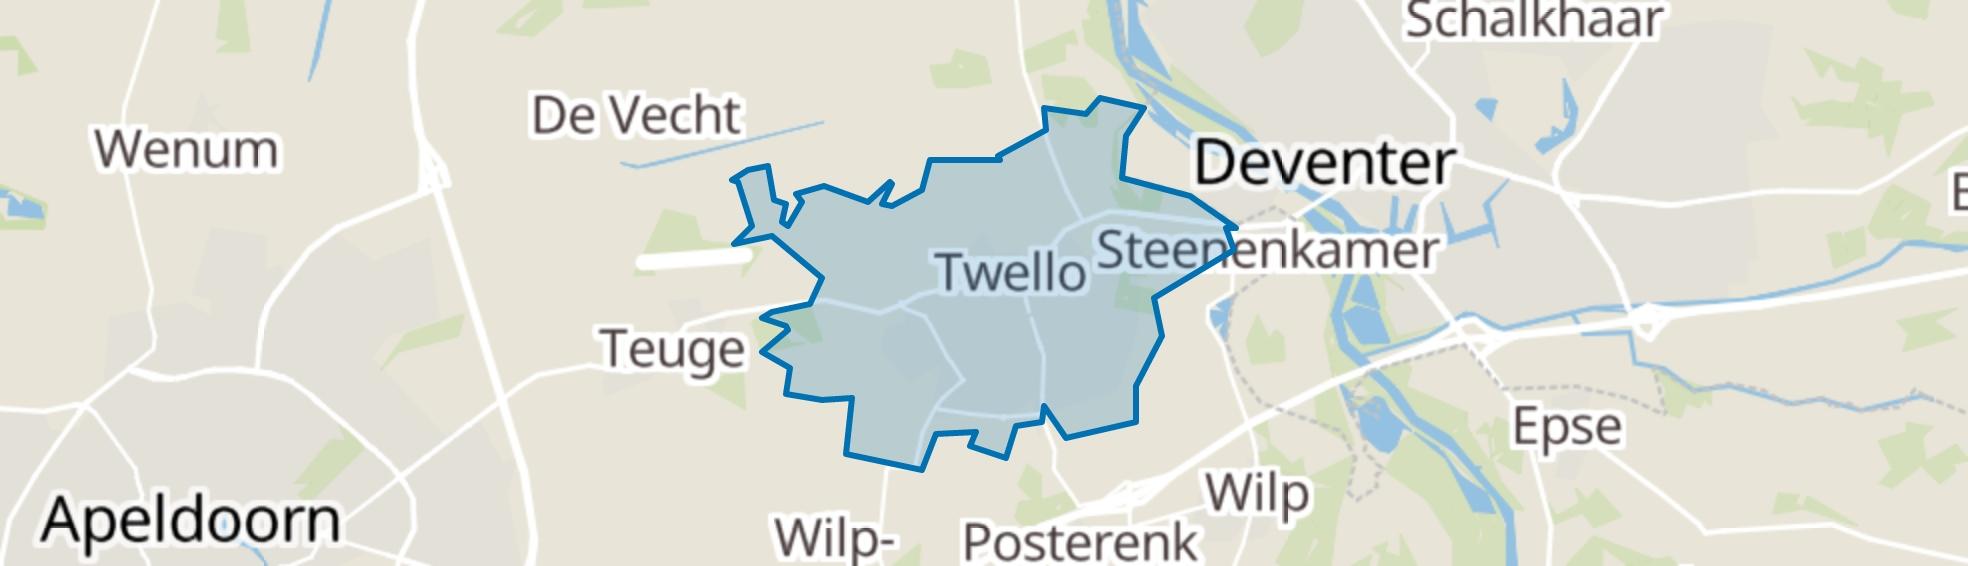 Twello map